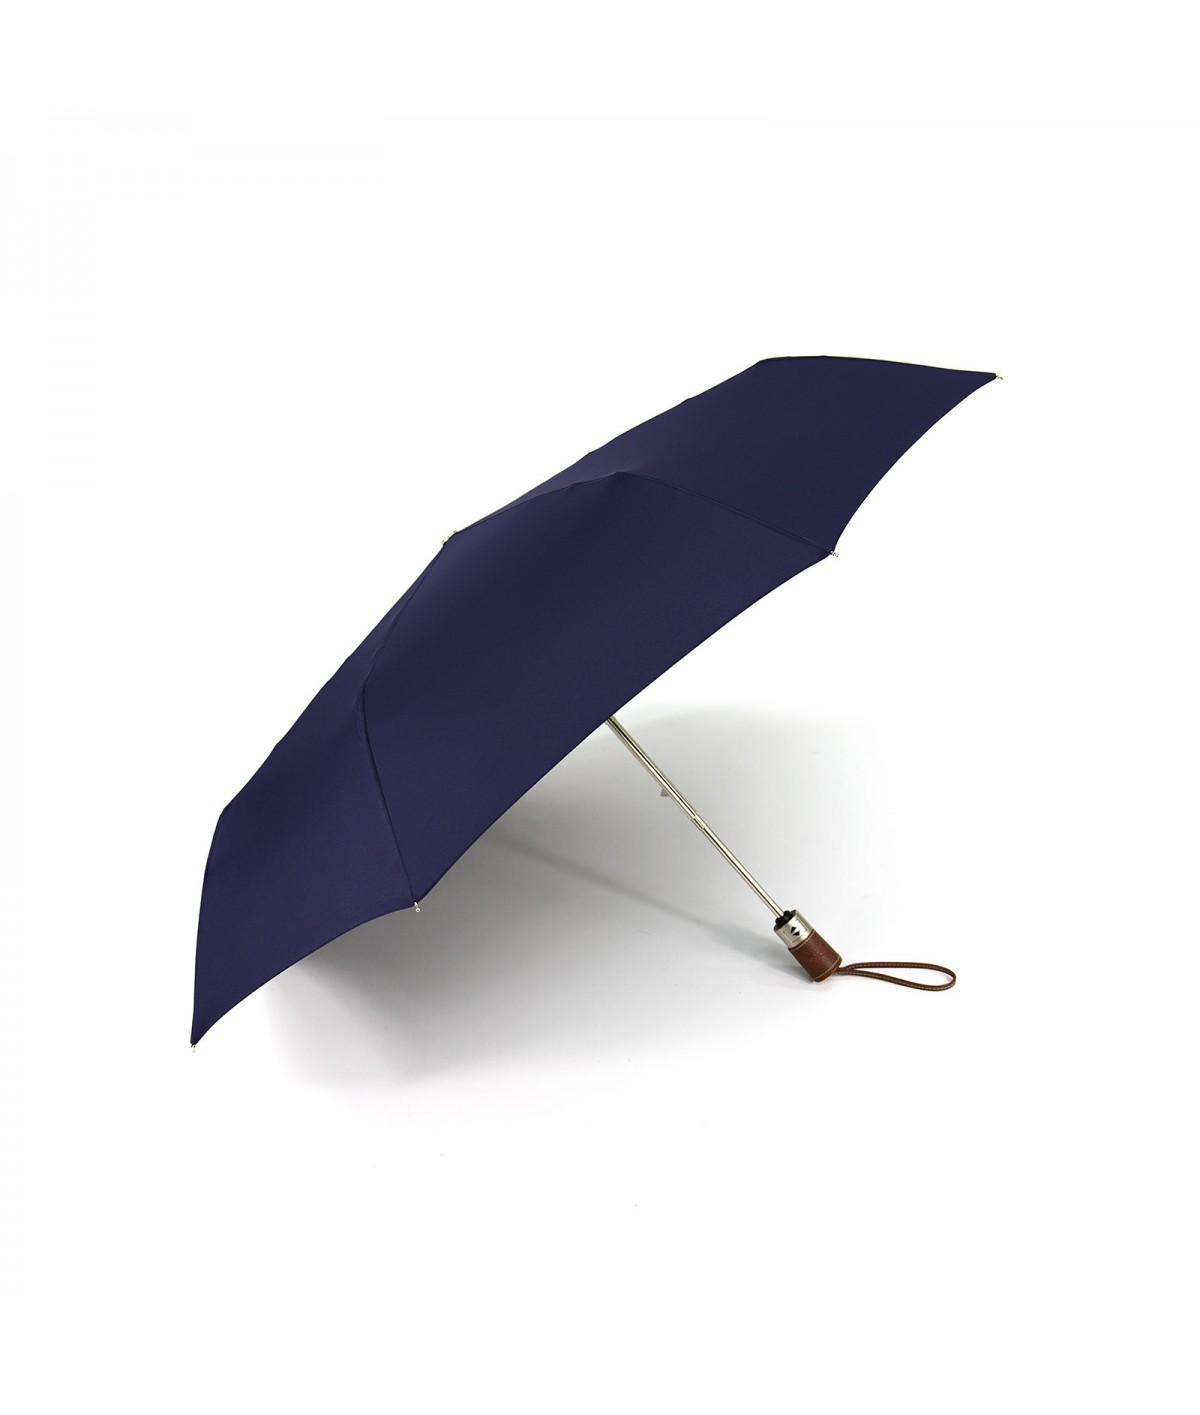 """→ Longchamp Parapluie """"Pliage Automatique Unis"""" - Navy -  Parapluie de Luxe - Made in France"""